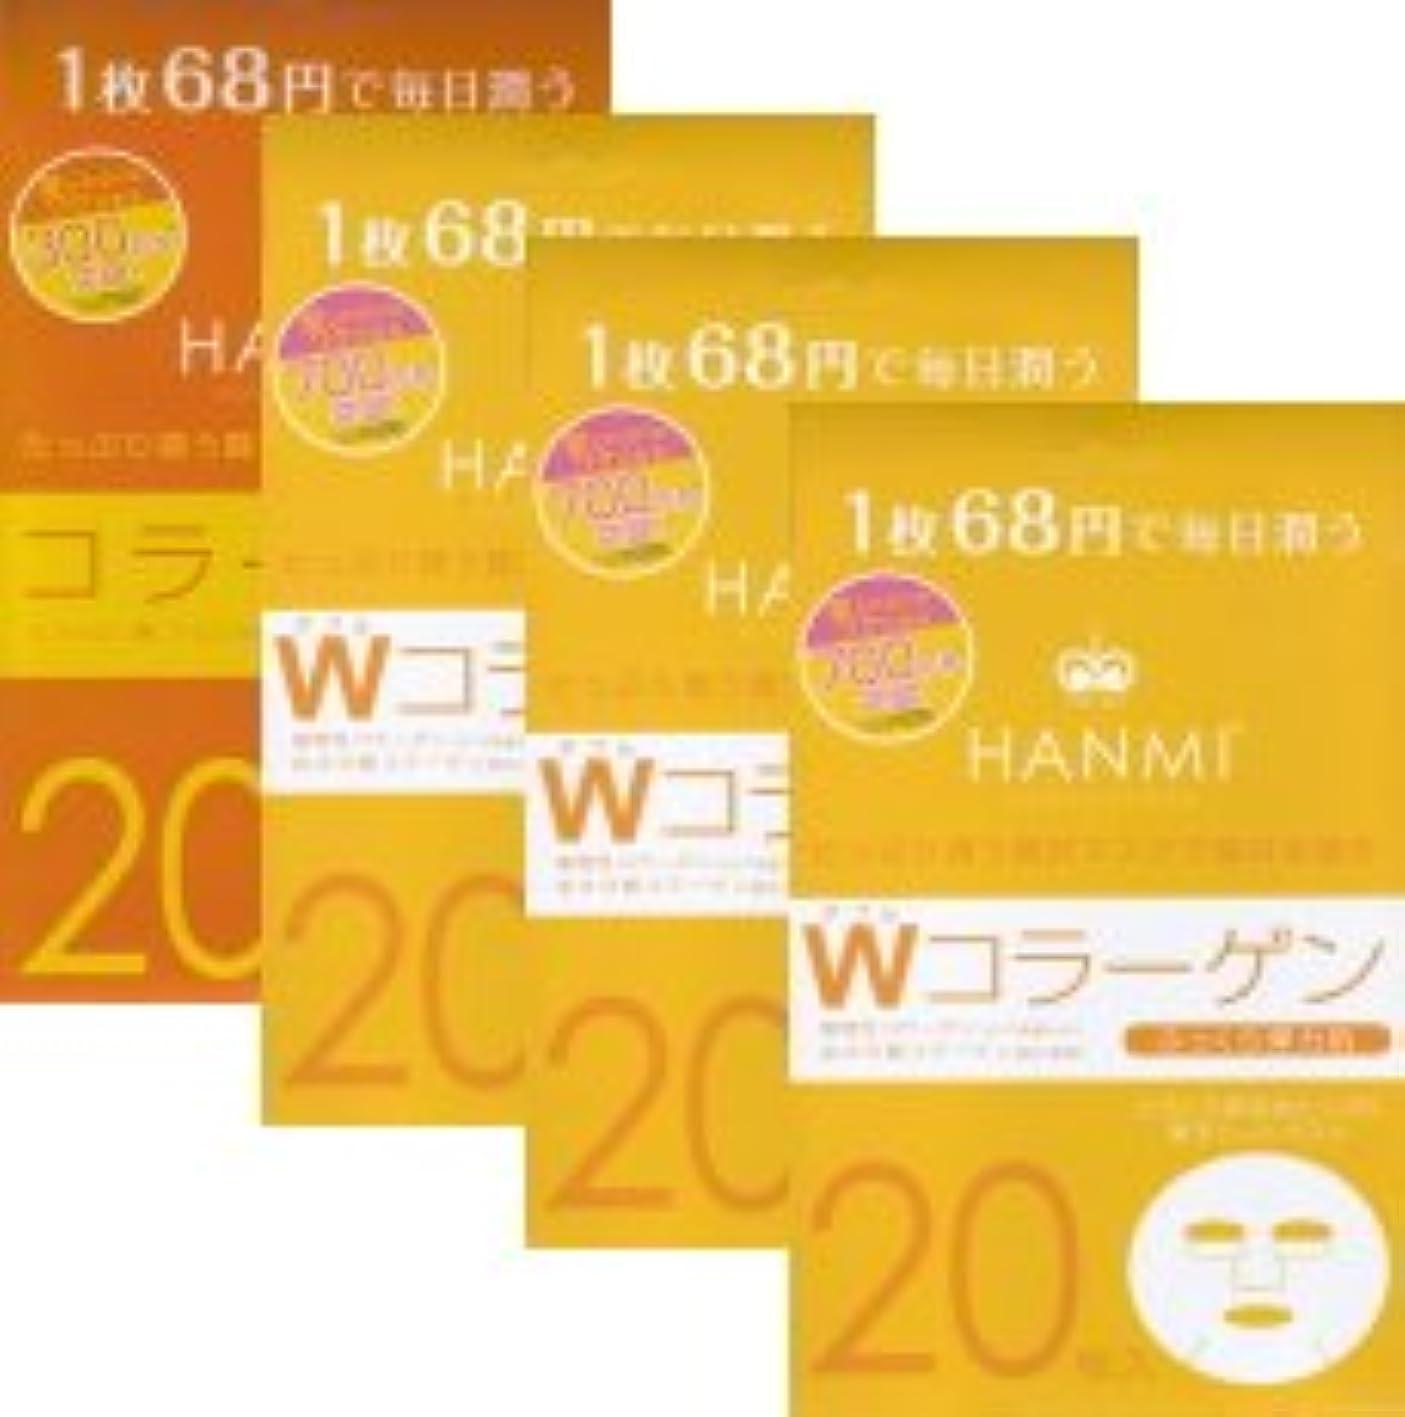 元の持っている歌MIGAKI ハンミフェイスマスク(20枚入り)「コラーゲン×1個」「Wコラーゲン×3個」の4個セット